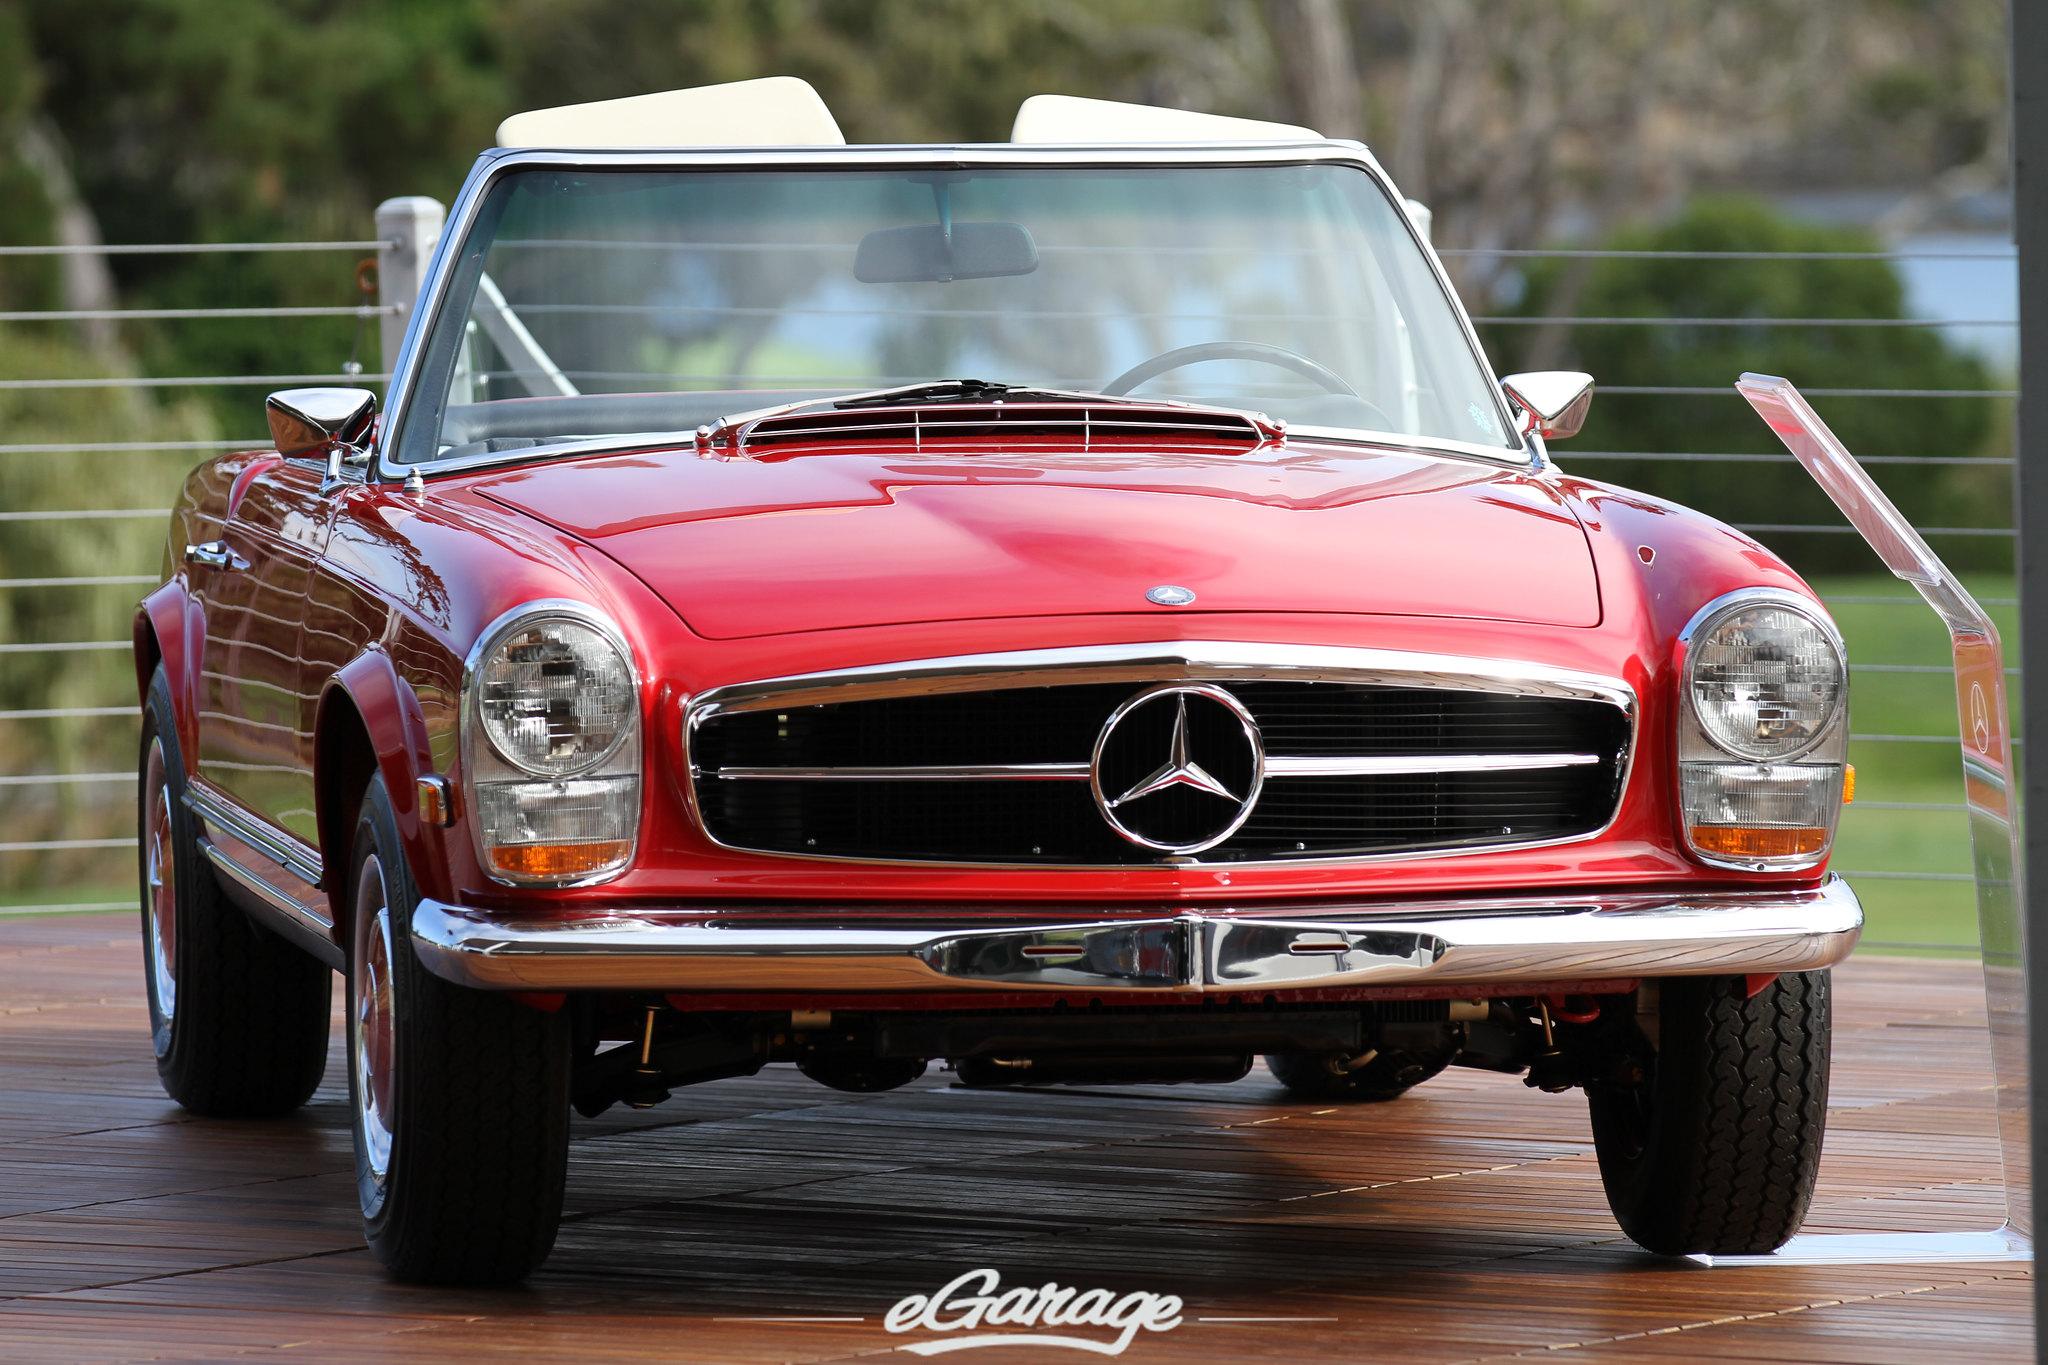 7828709858 4342452227 k Mercedes Benz Classic